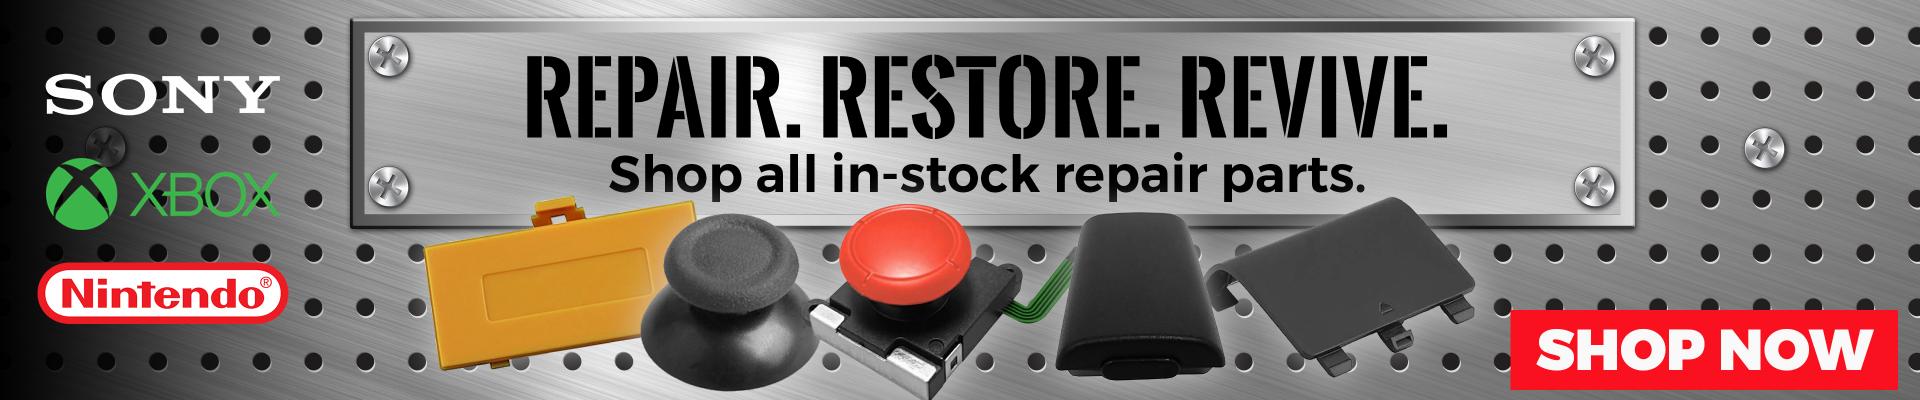 Repair.  Restore.  Revive.